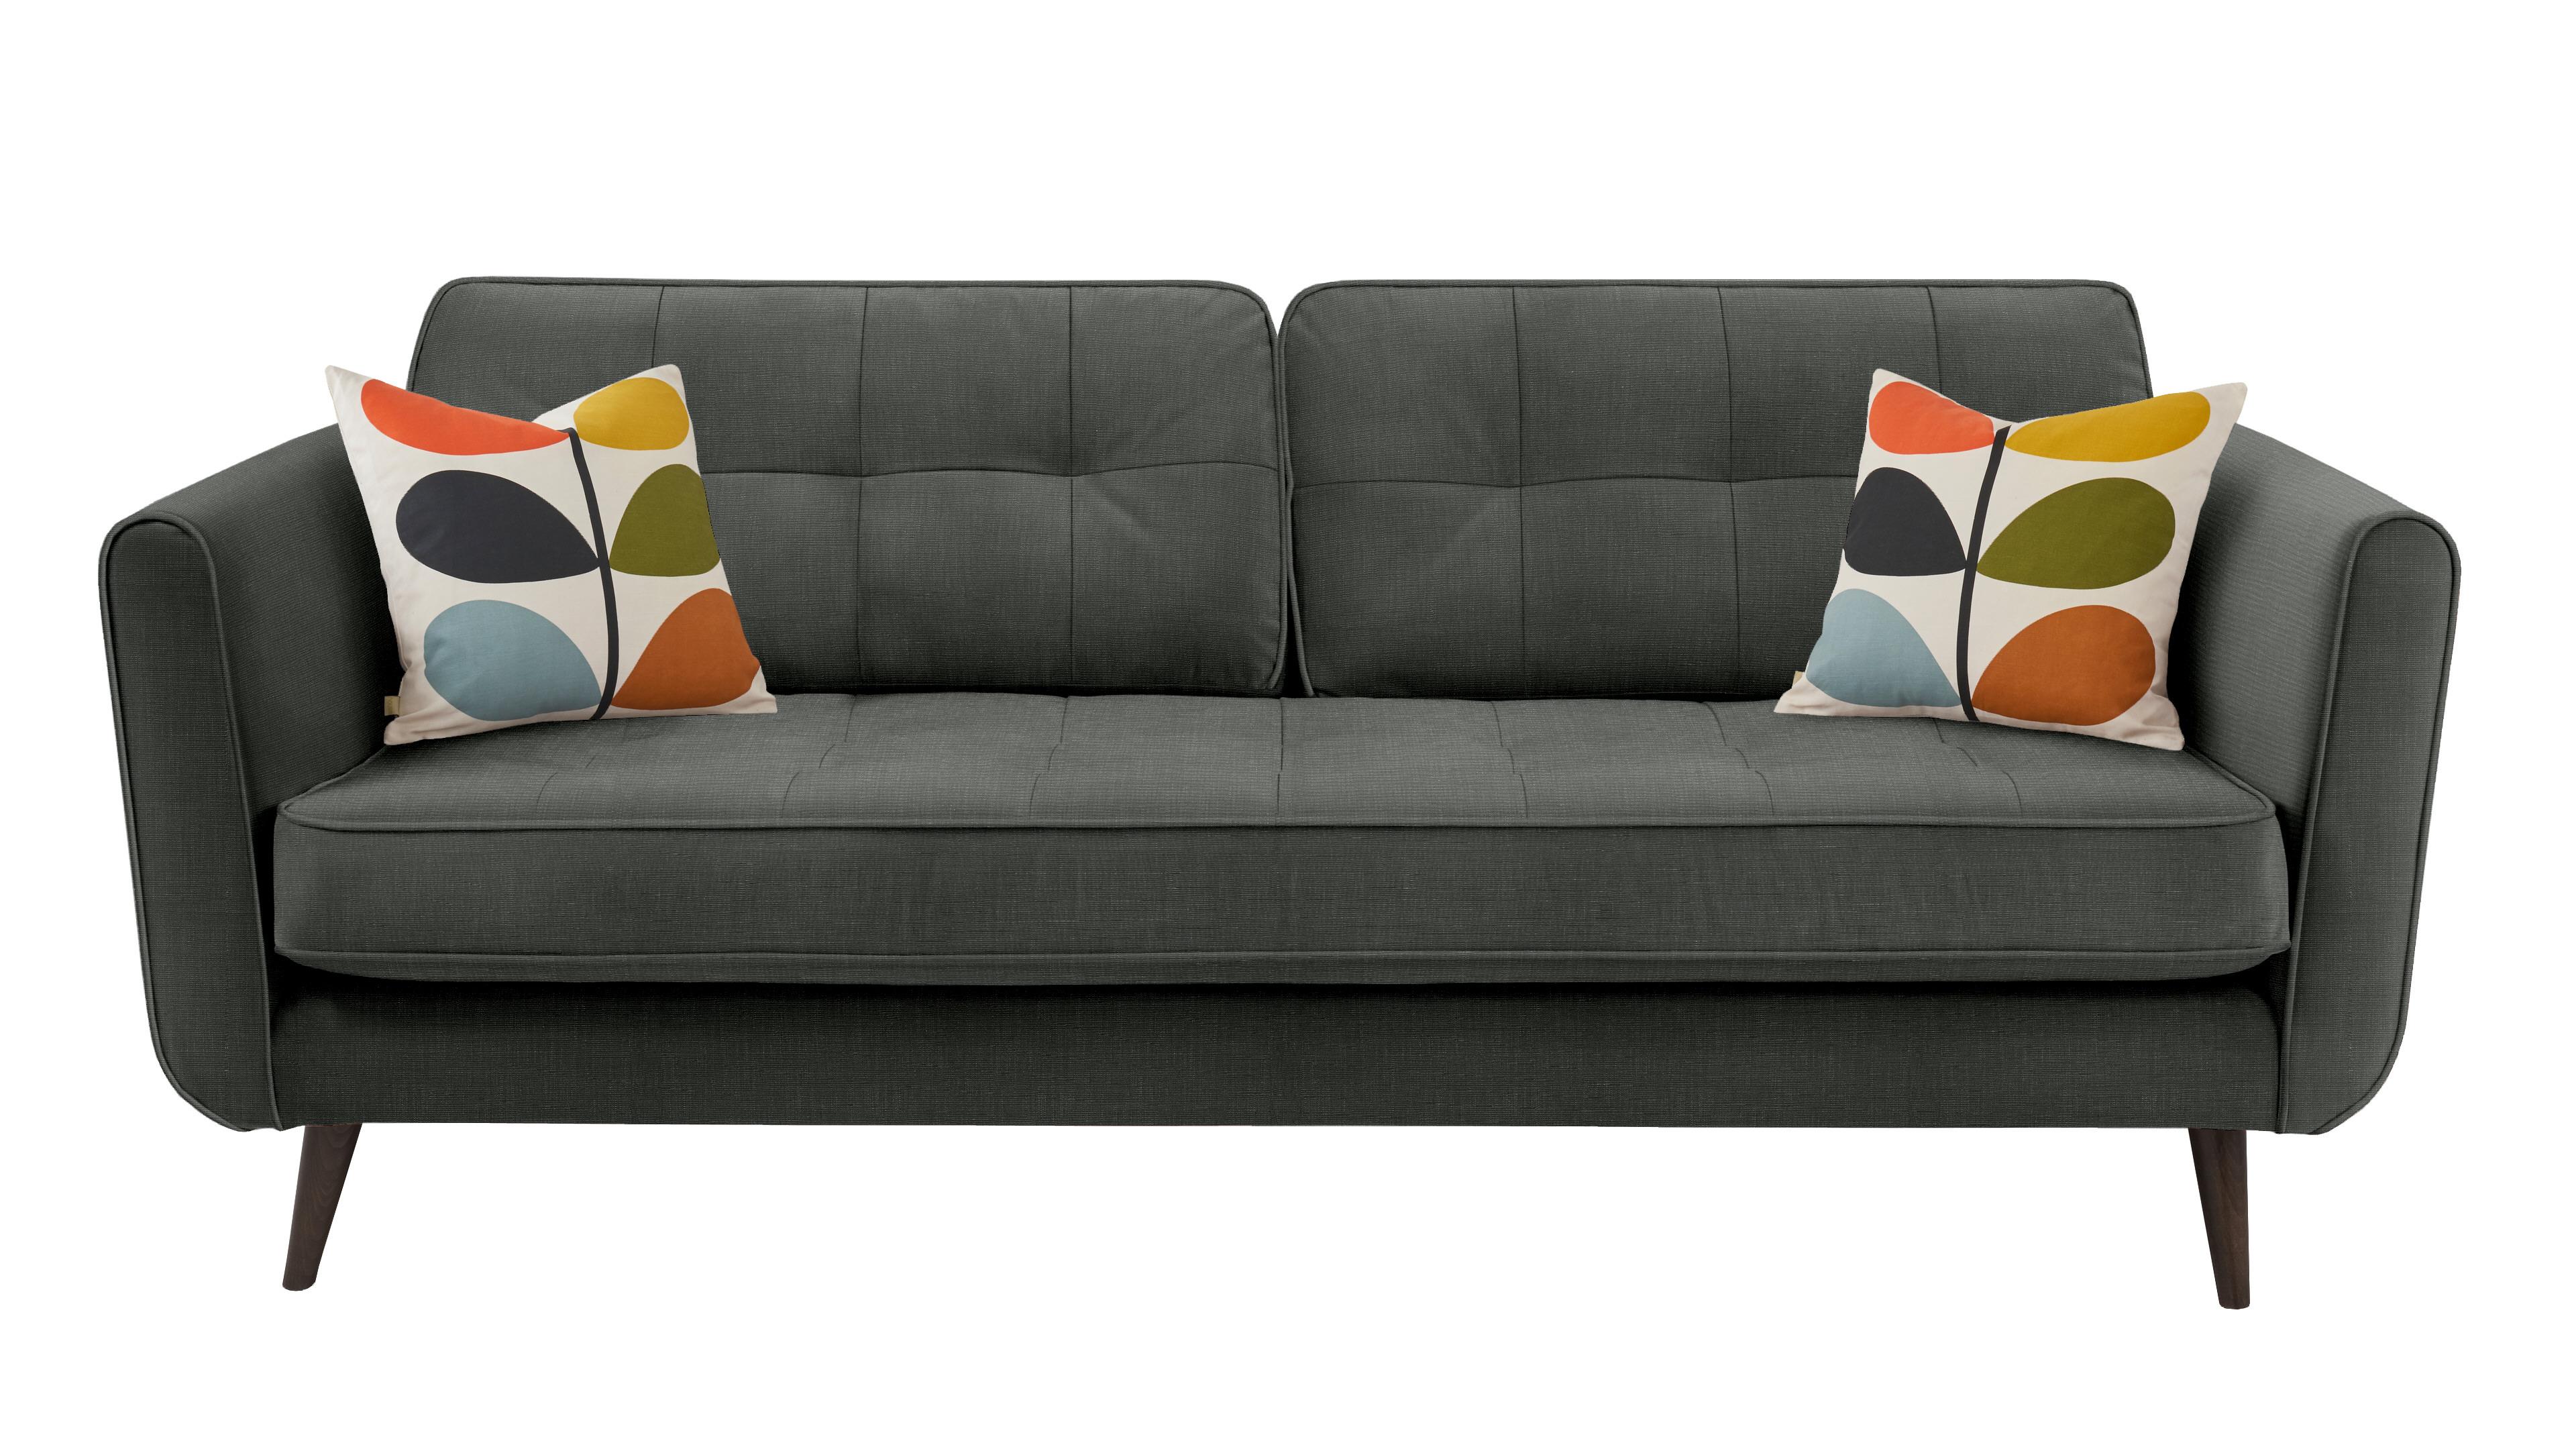 Ivy large Sofa Foyle